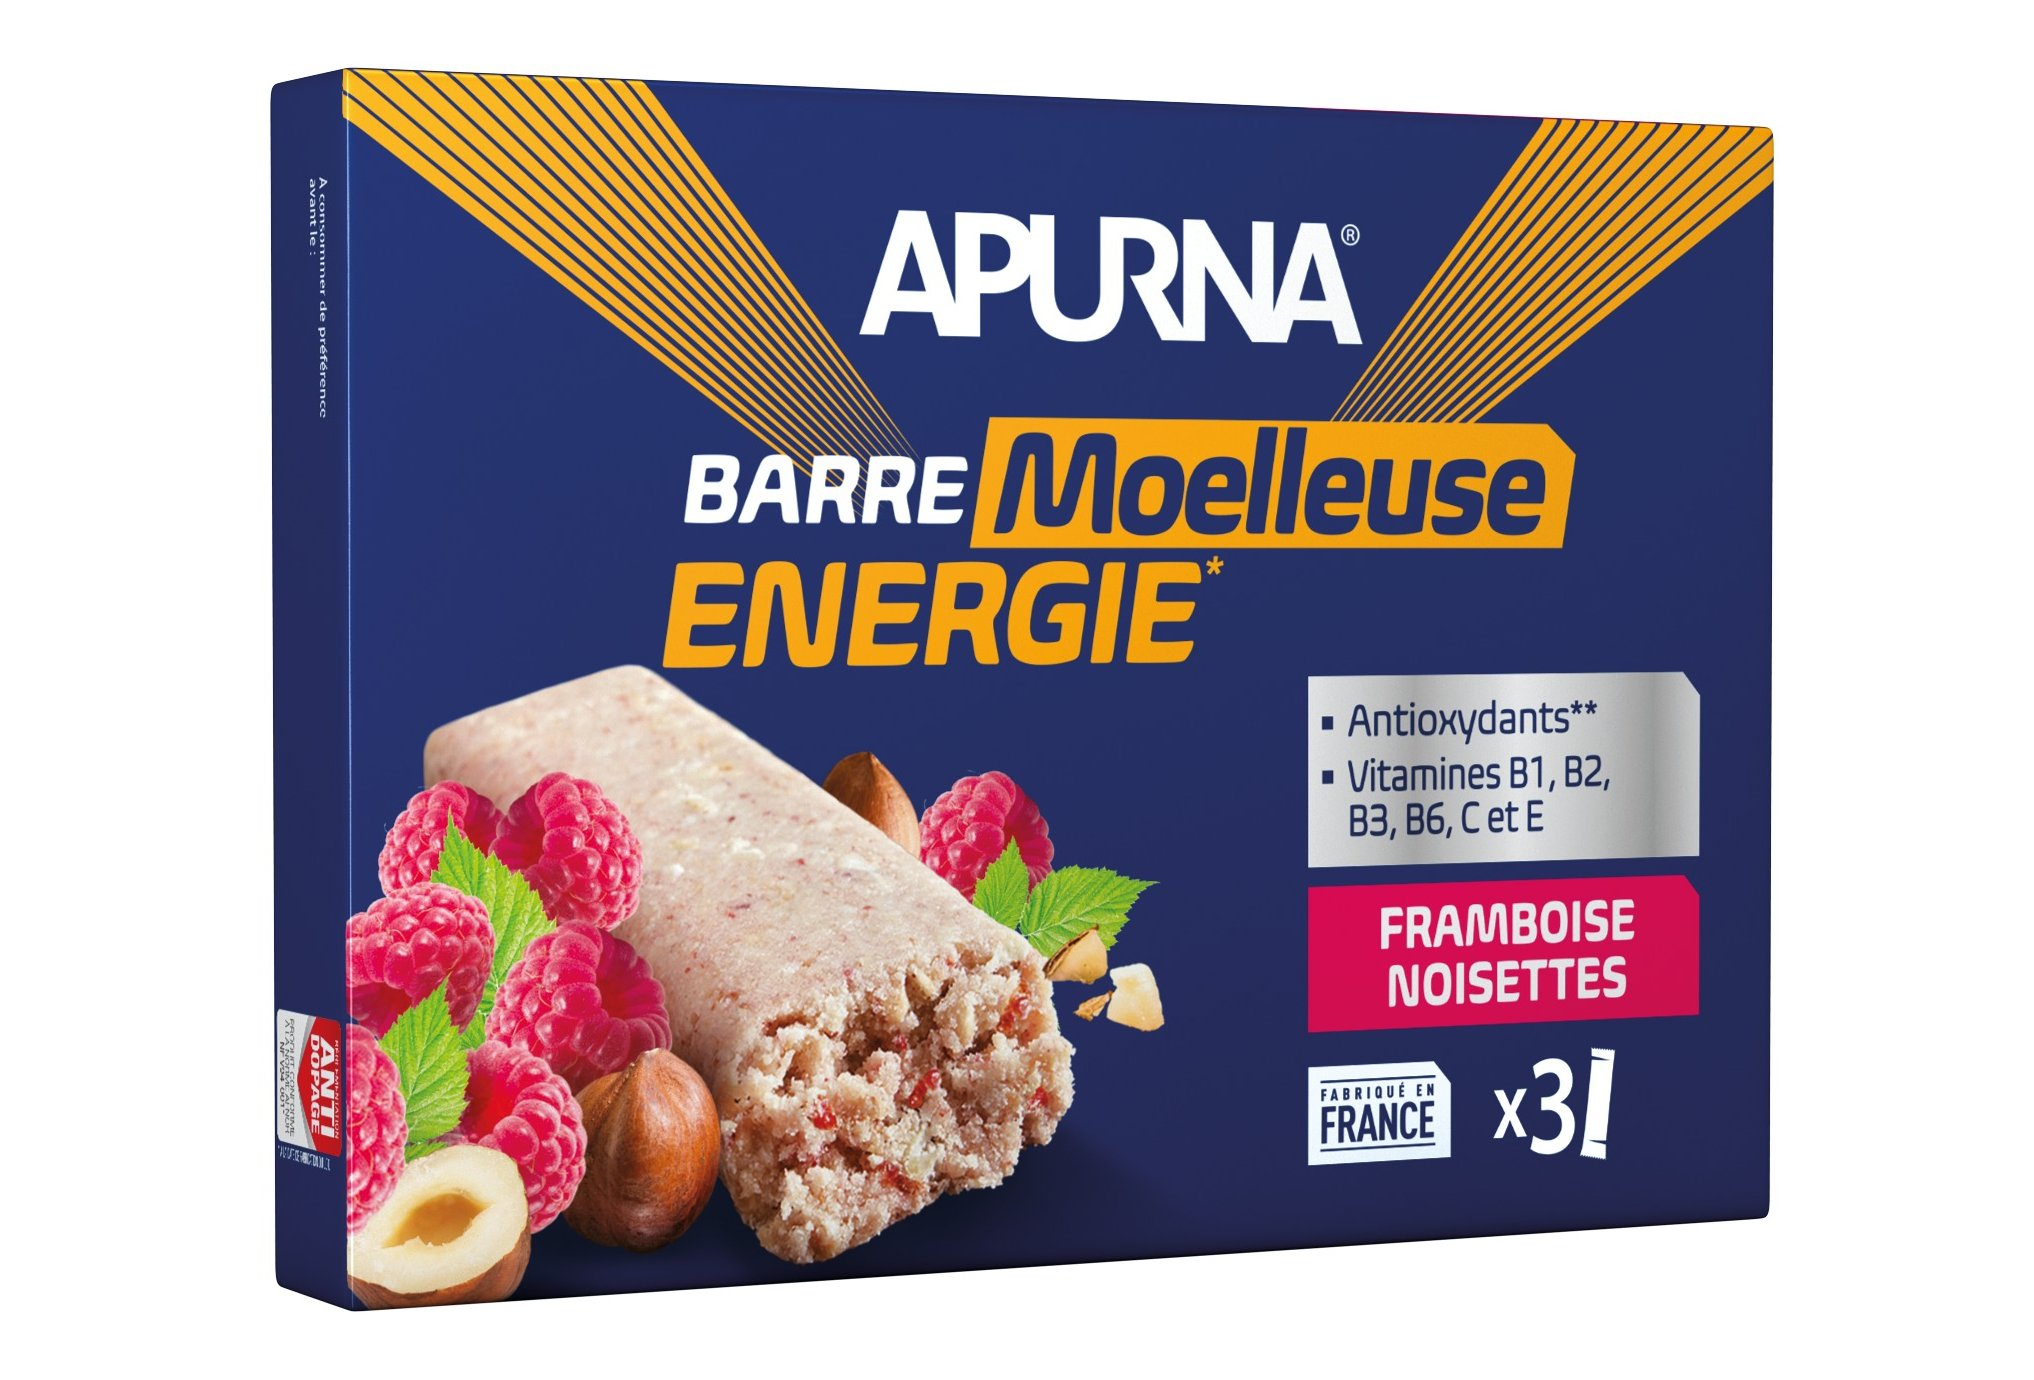 Apurna Barres énergétiques - framboise/noisettes diététique barres